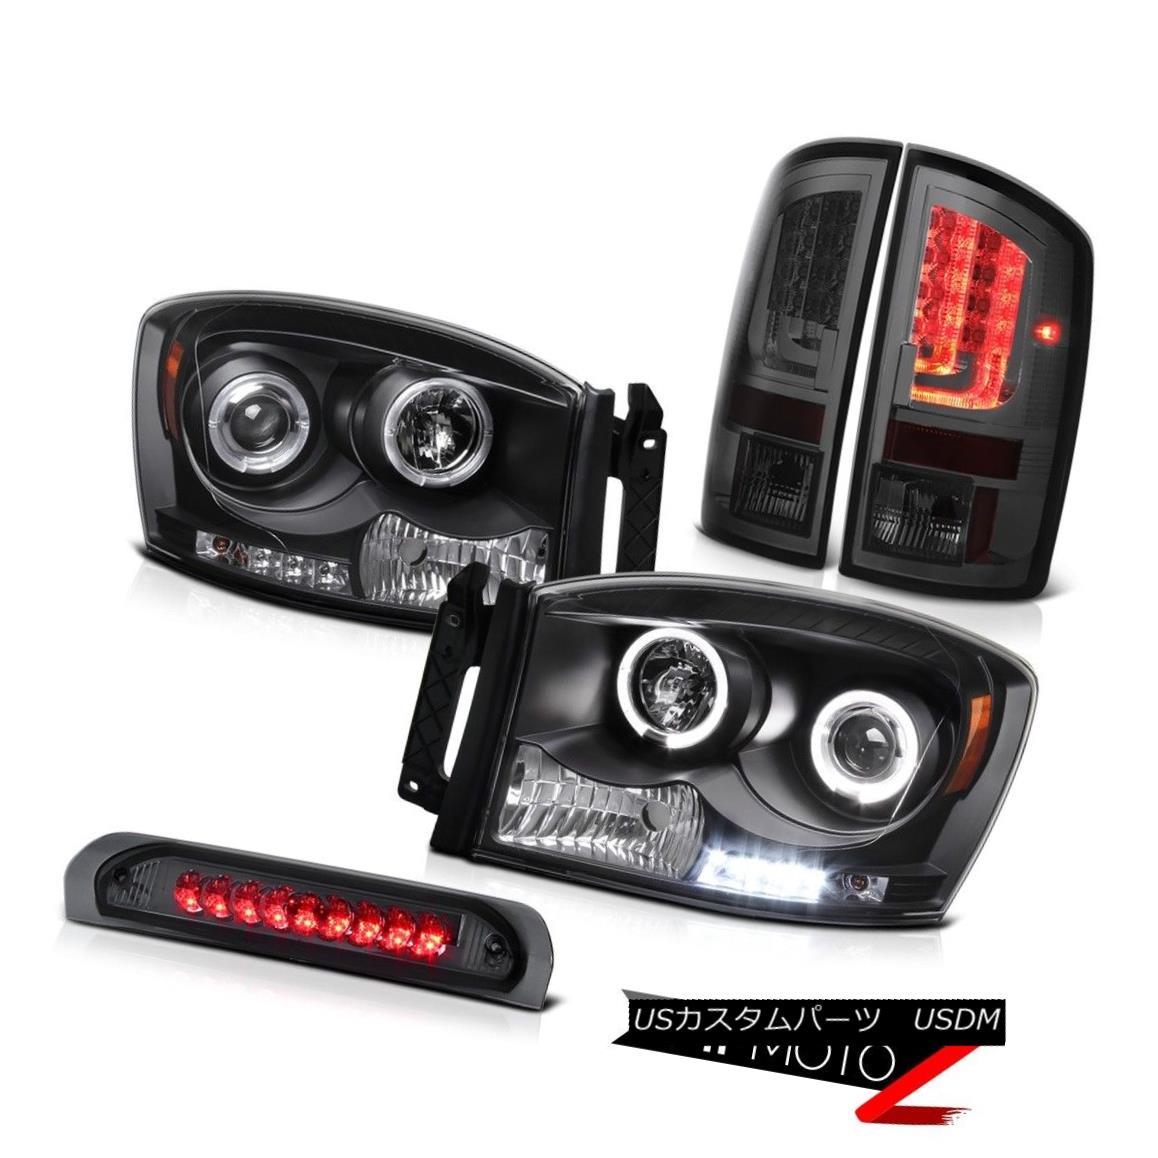 テールライト 2006 Ram ST Rear Brake Lamps Headlamps High STop Light Dual Halo